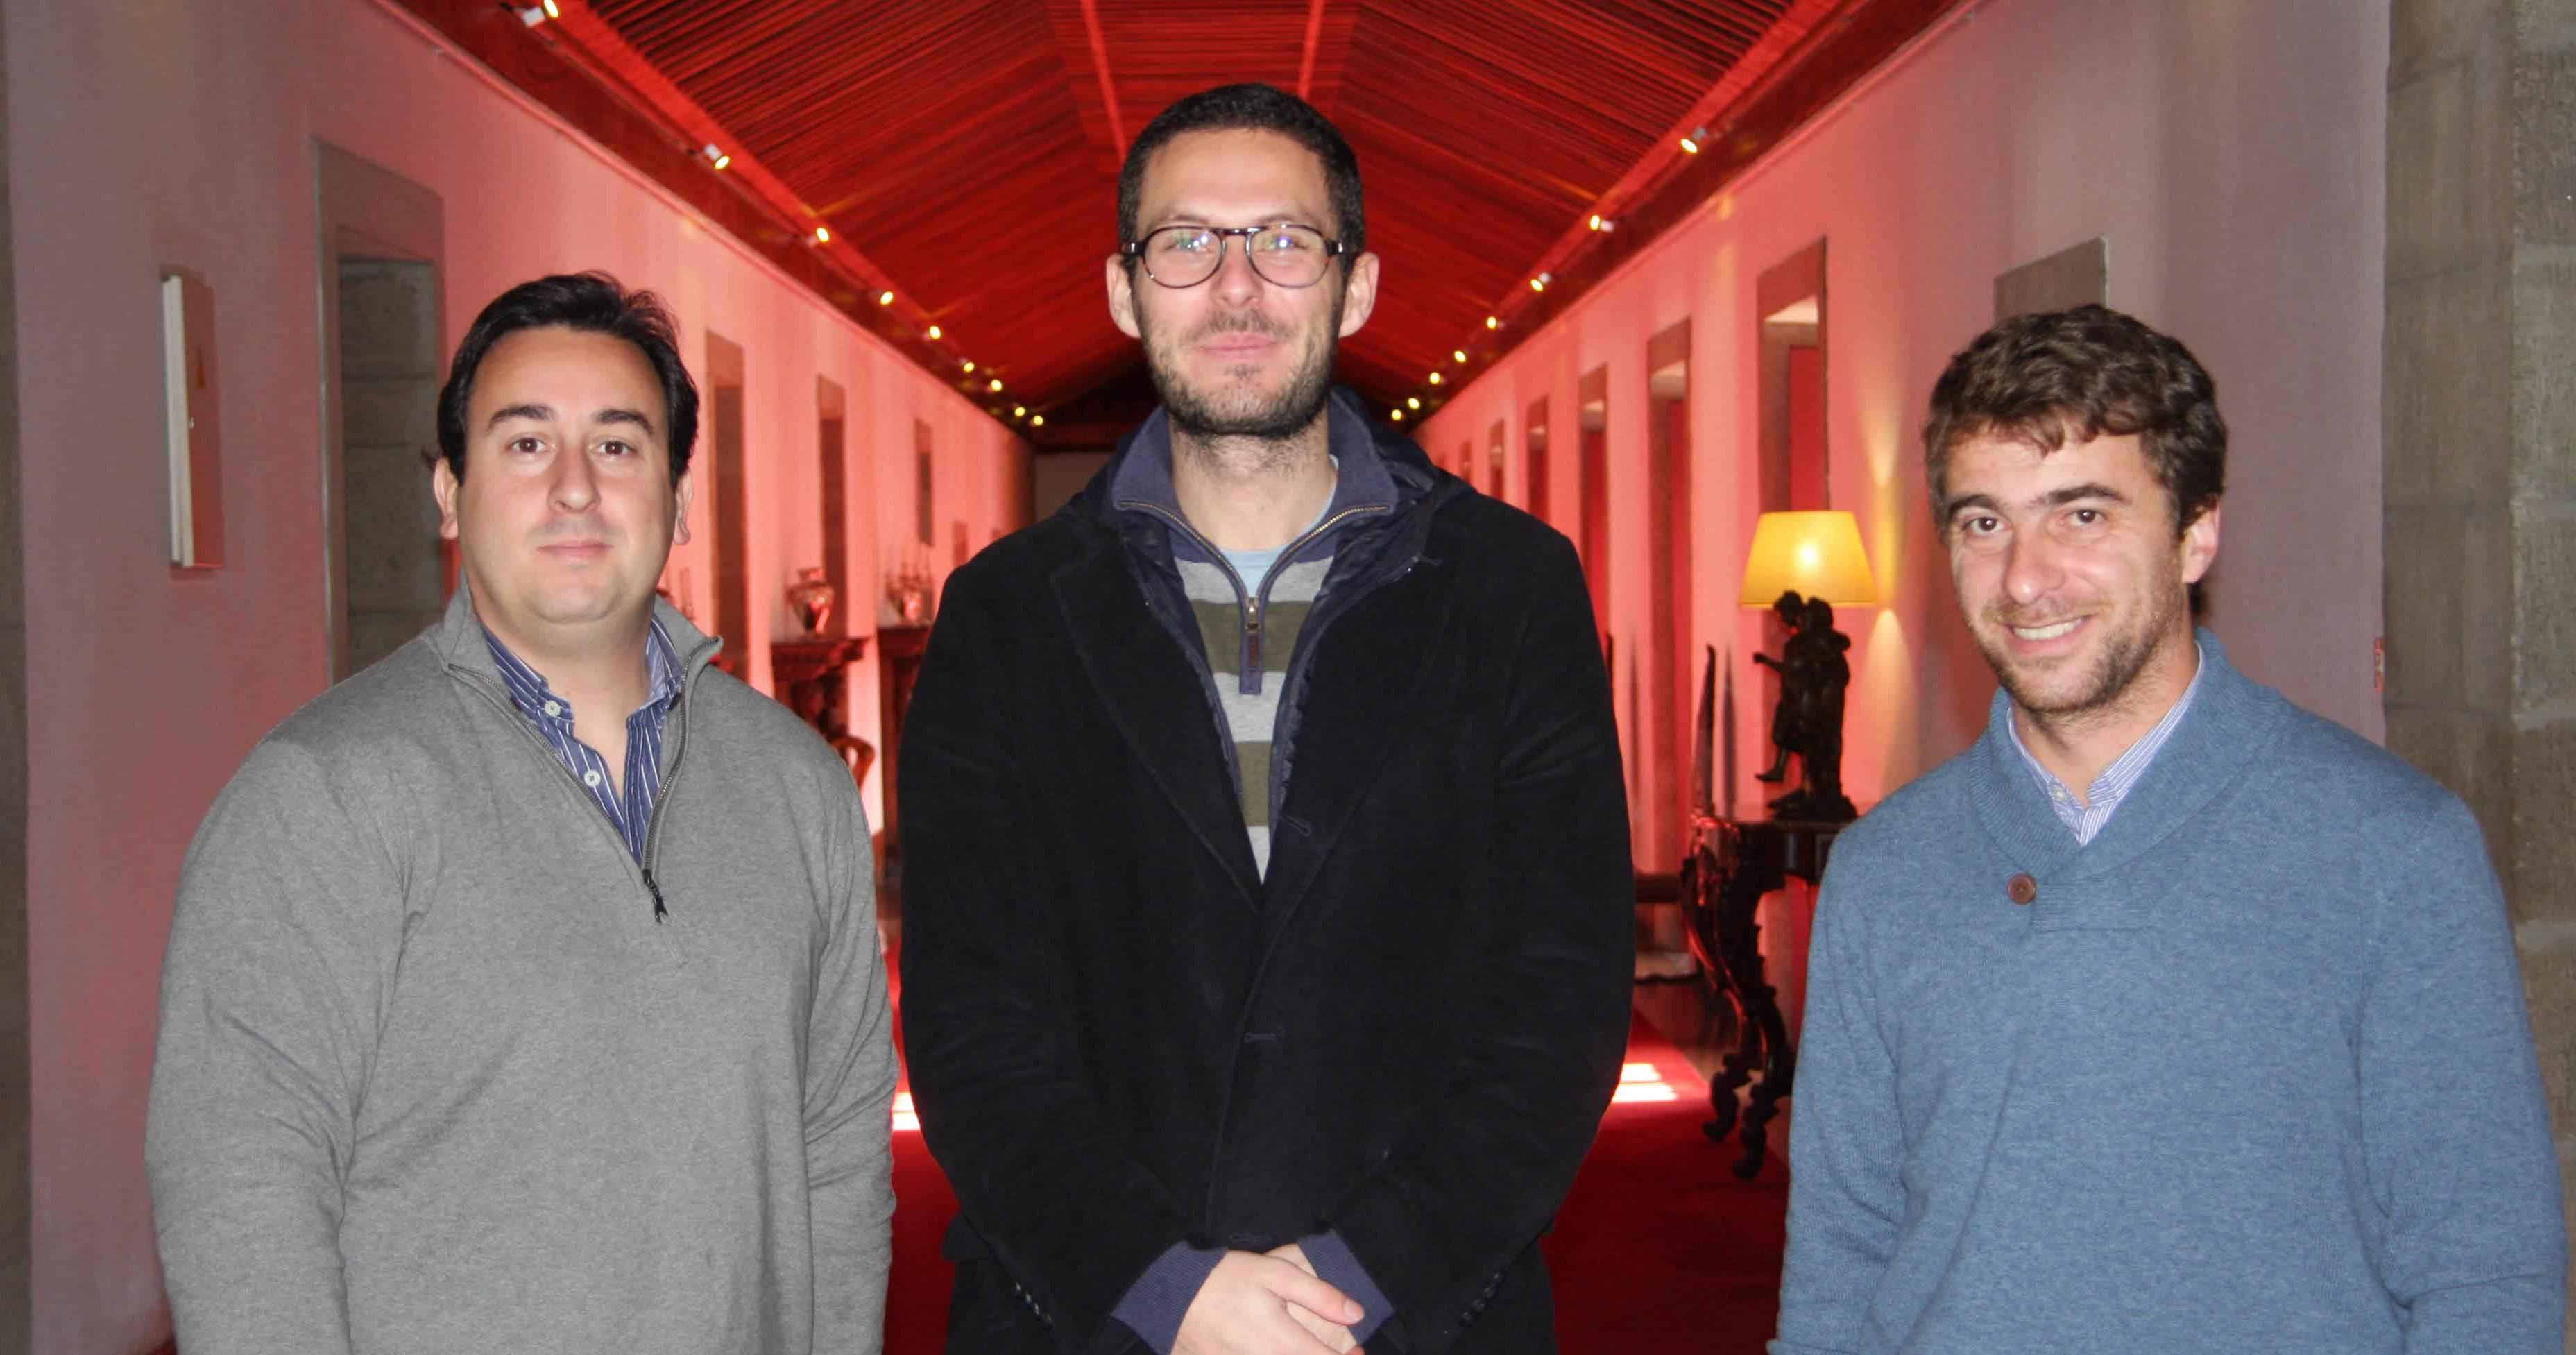 Governo dos Açores vai reforçar promoção do empreendedorismo nesta legislatura